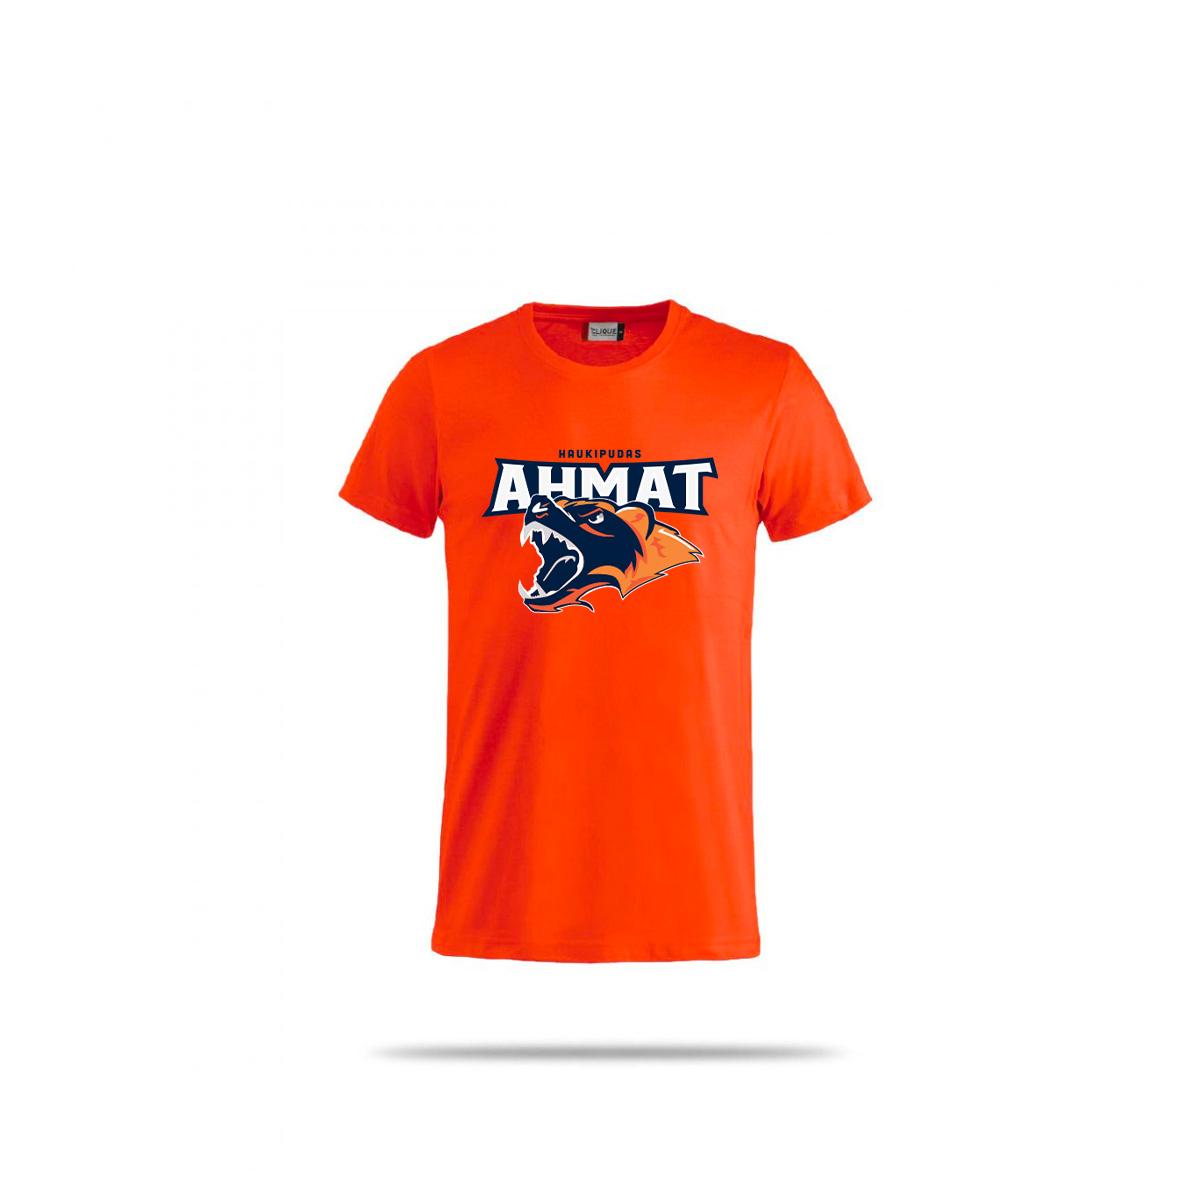 Ahmat-fani-3025-oranssi-original